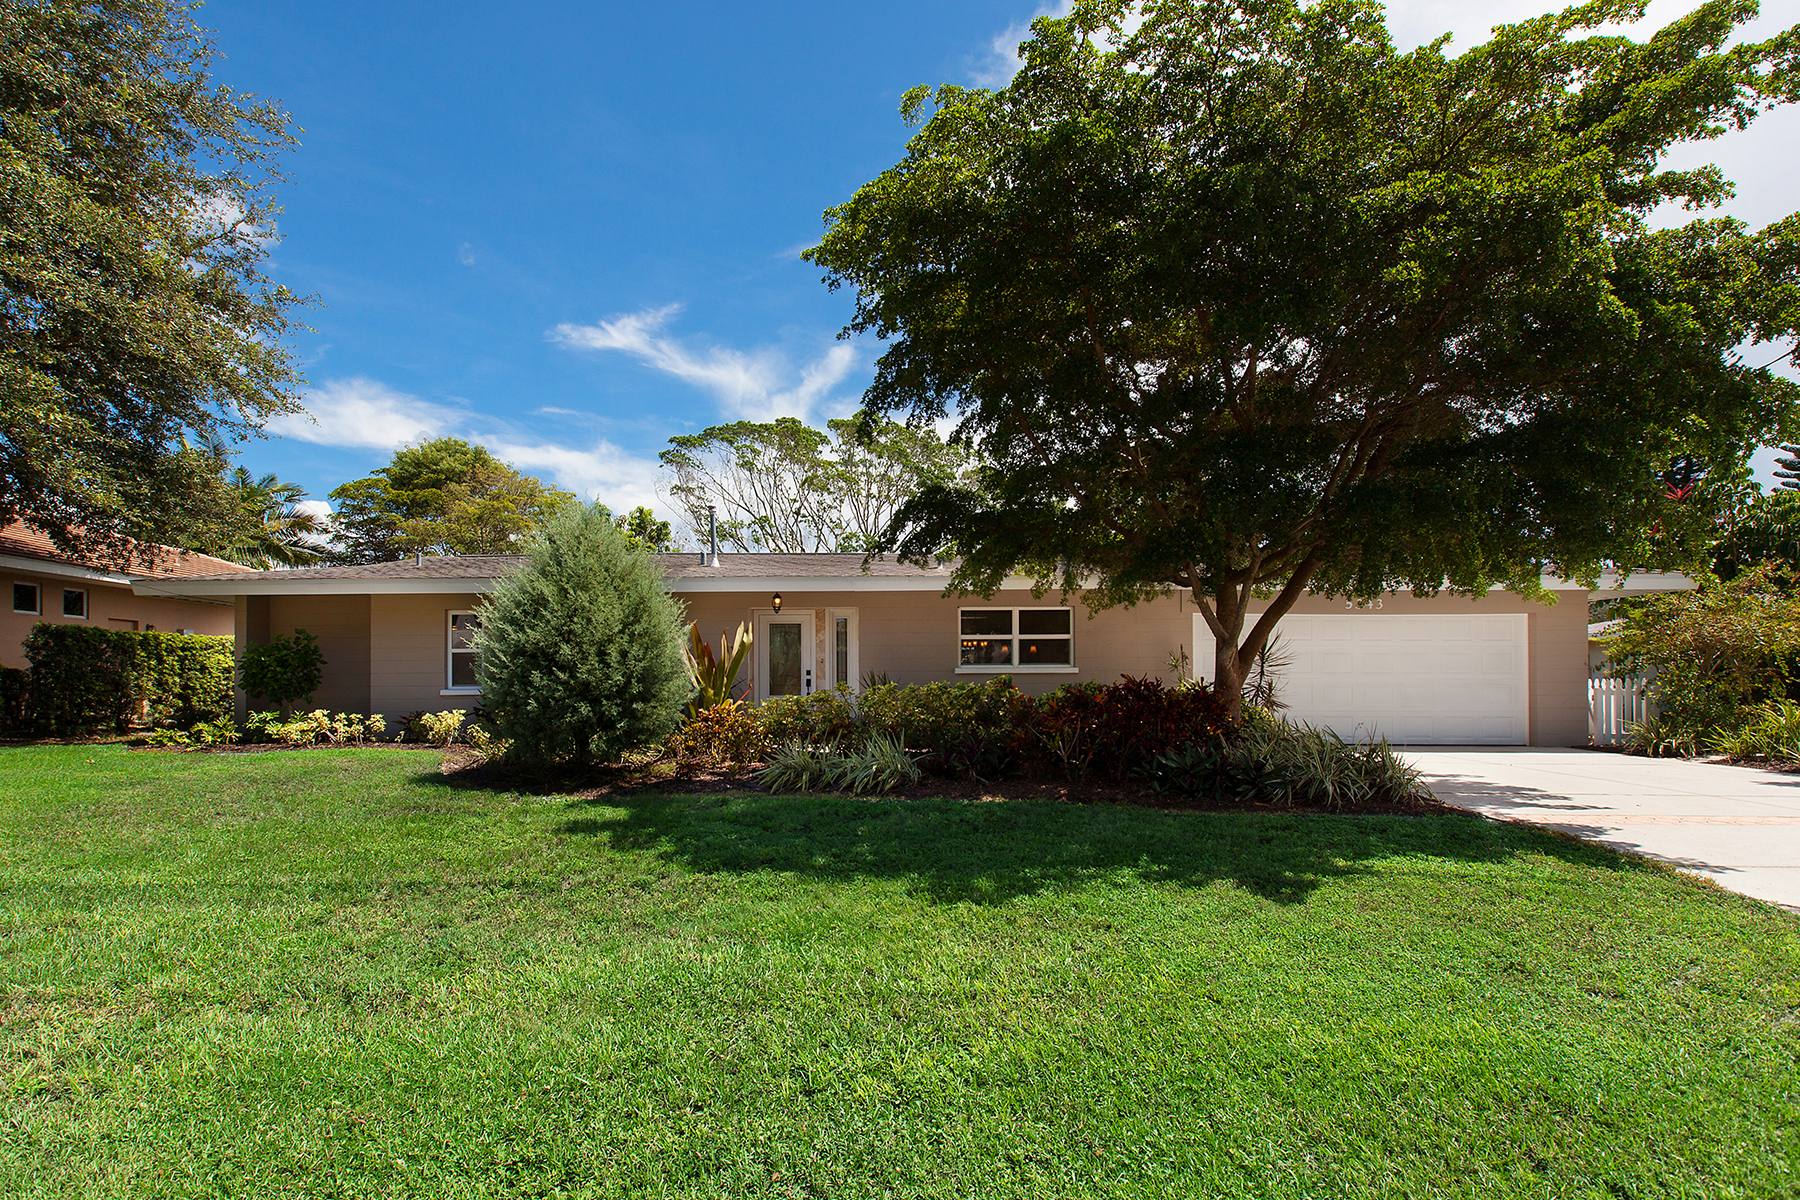 단독 가정 주택 용 매매 에 RIVER FOREST 5343 Palos Verdes Dr Sarasota, 플로리다, 34231 미국